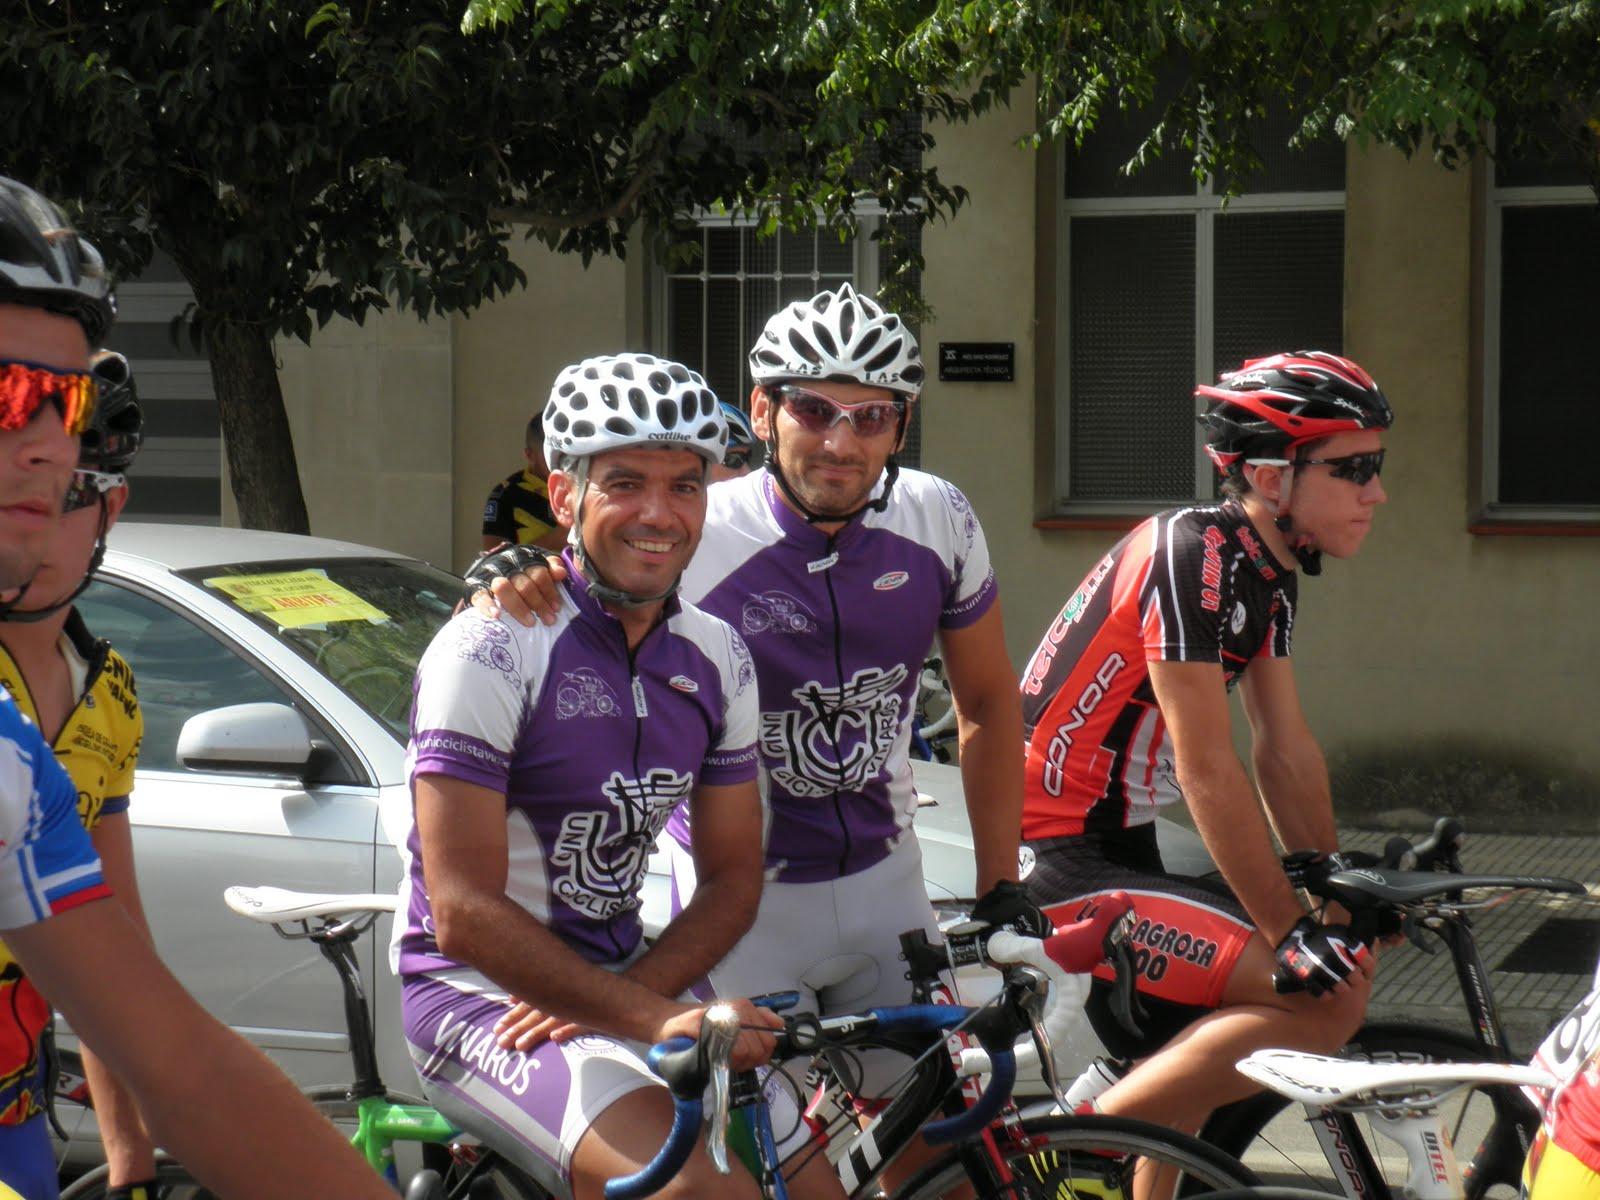 La grupeta ciclista vinaros septiembre 2011 - El tiempo en la senia tarragona ...